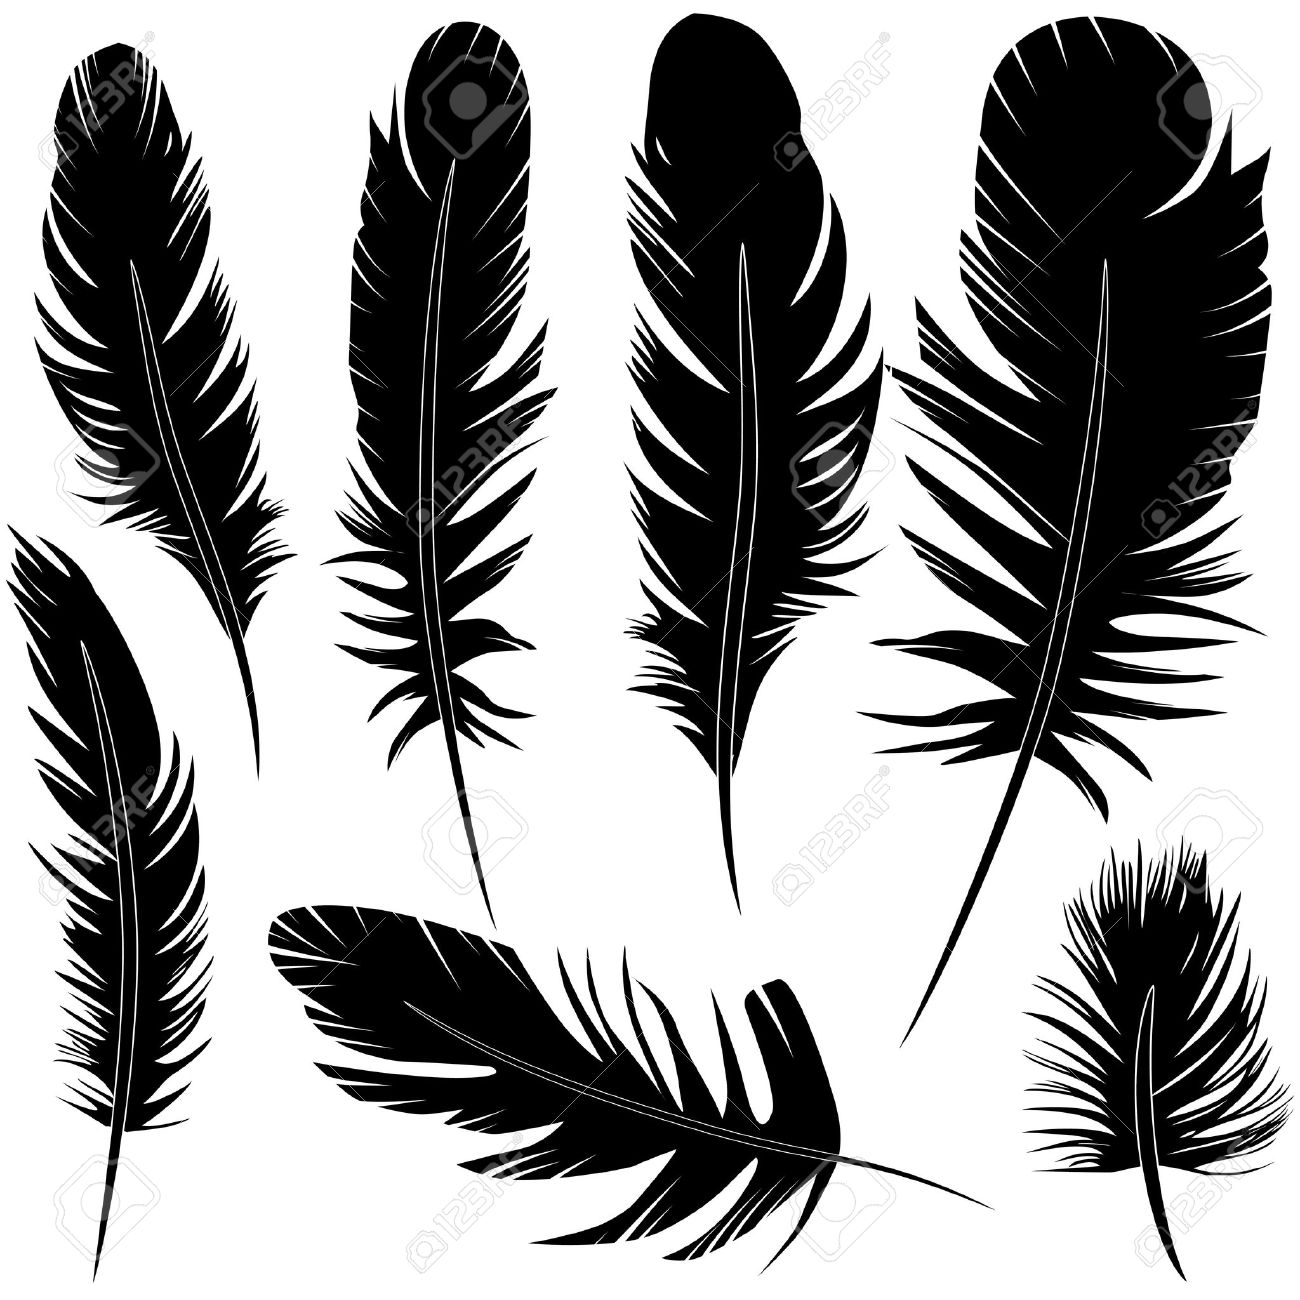 鳥の羽を設定ベクター イラスト スケッチのイラスト素材ベクタ Image